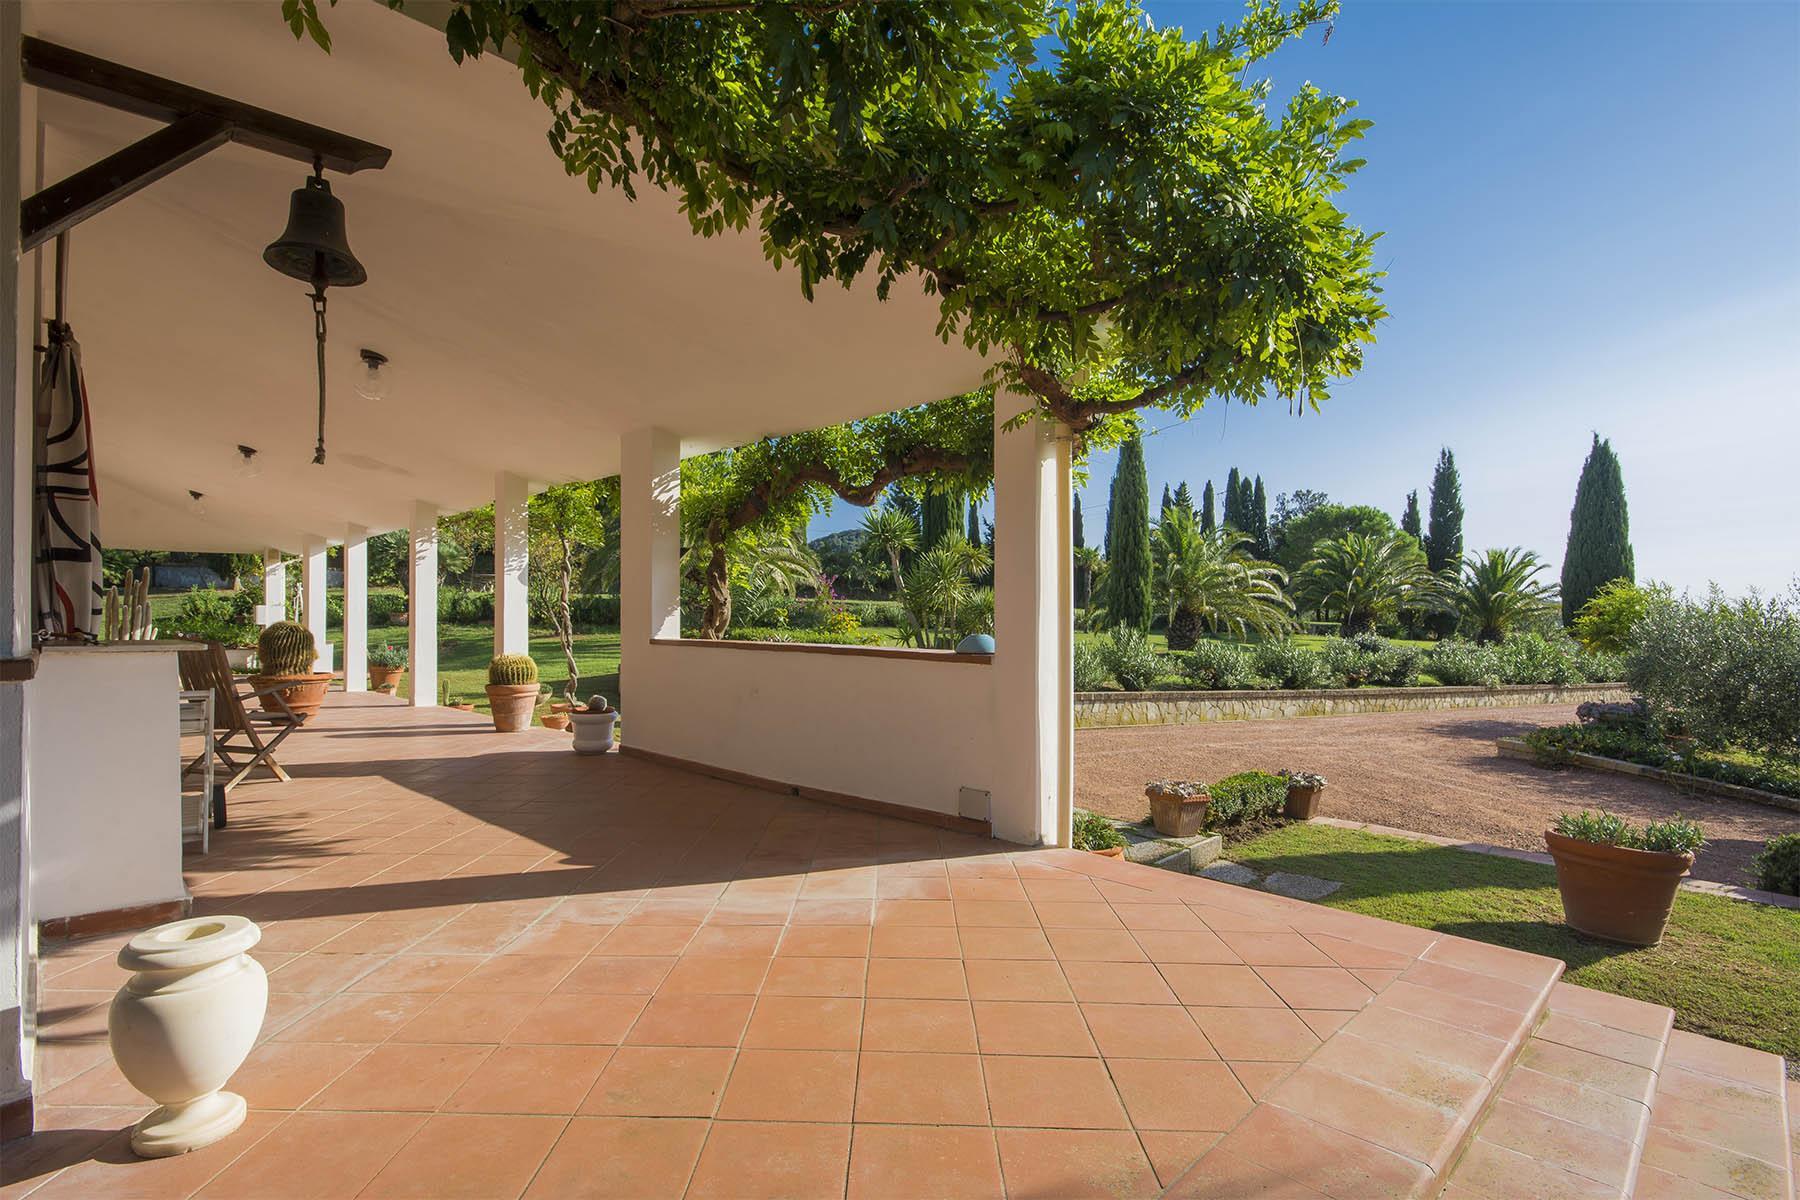 Villa in collina vista mare, nei pressi di Castiglioncello - 19